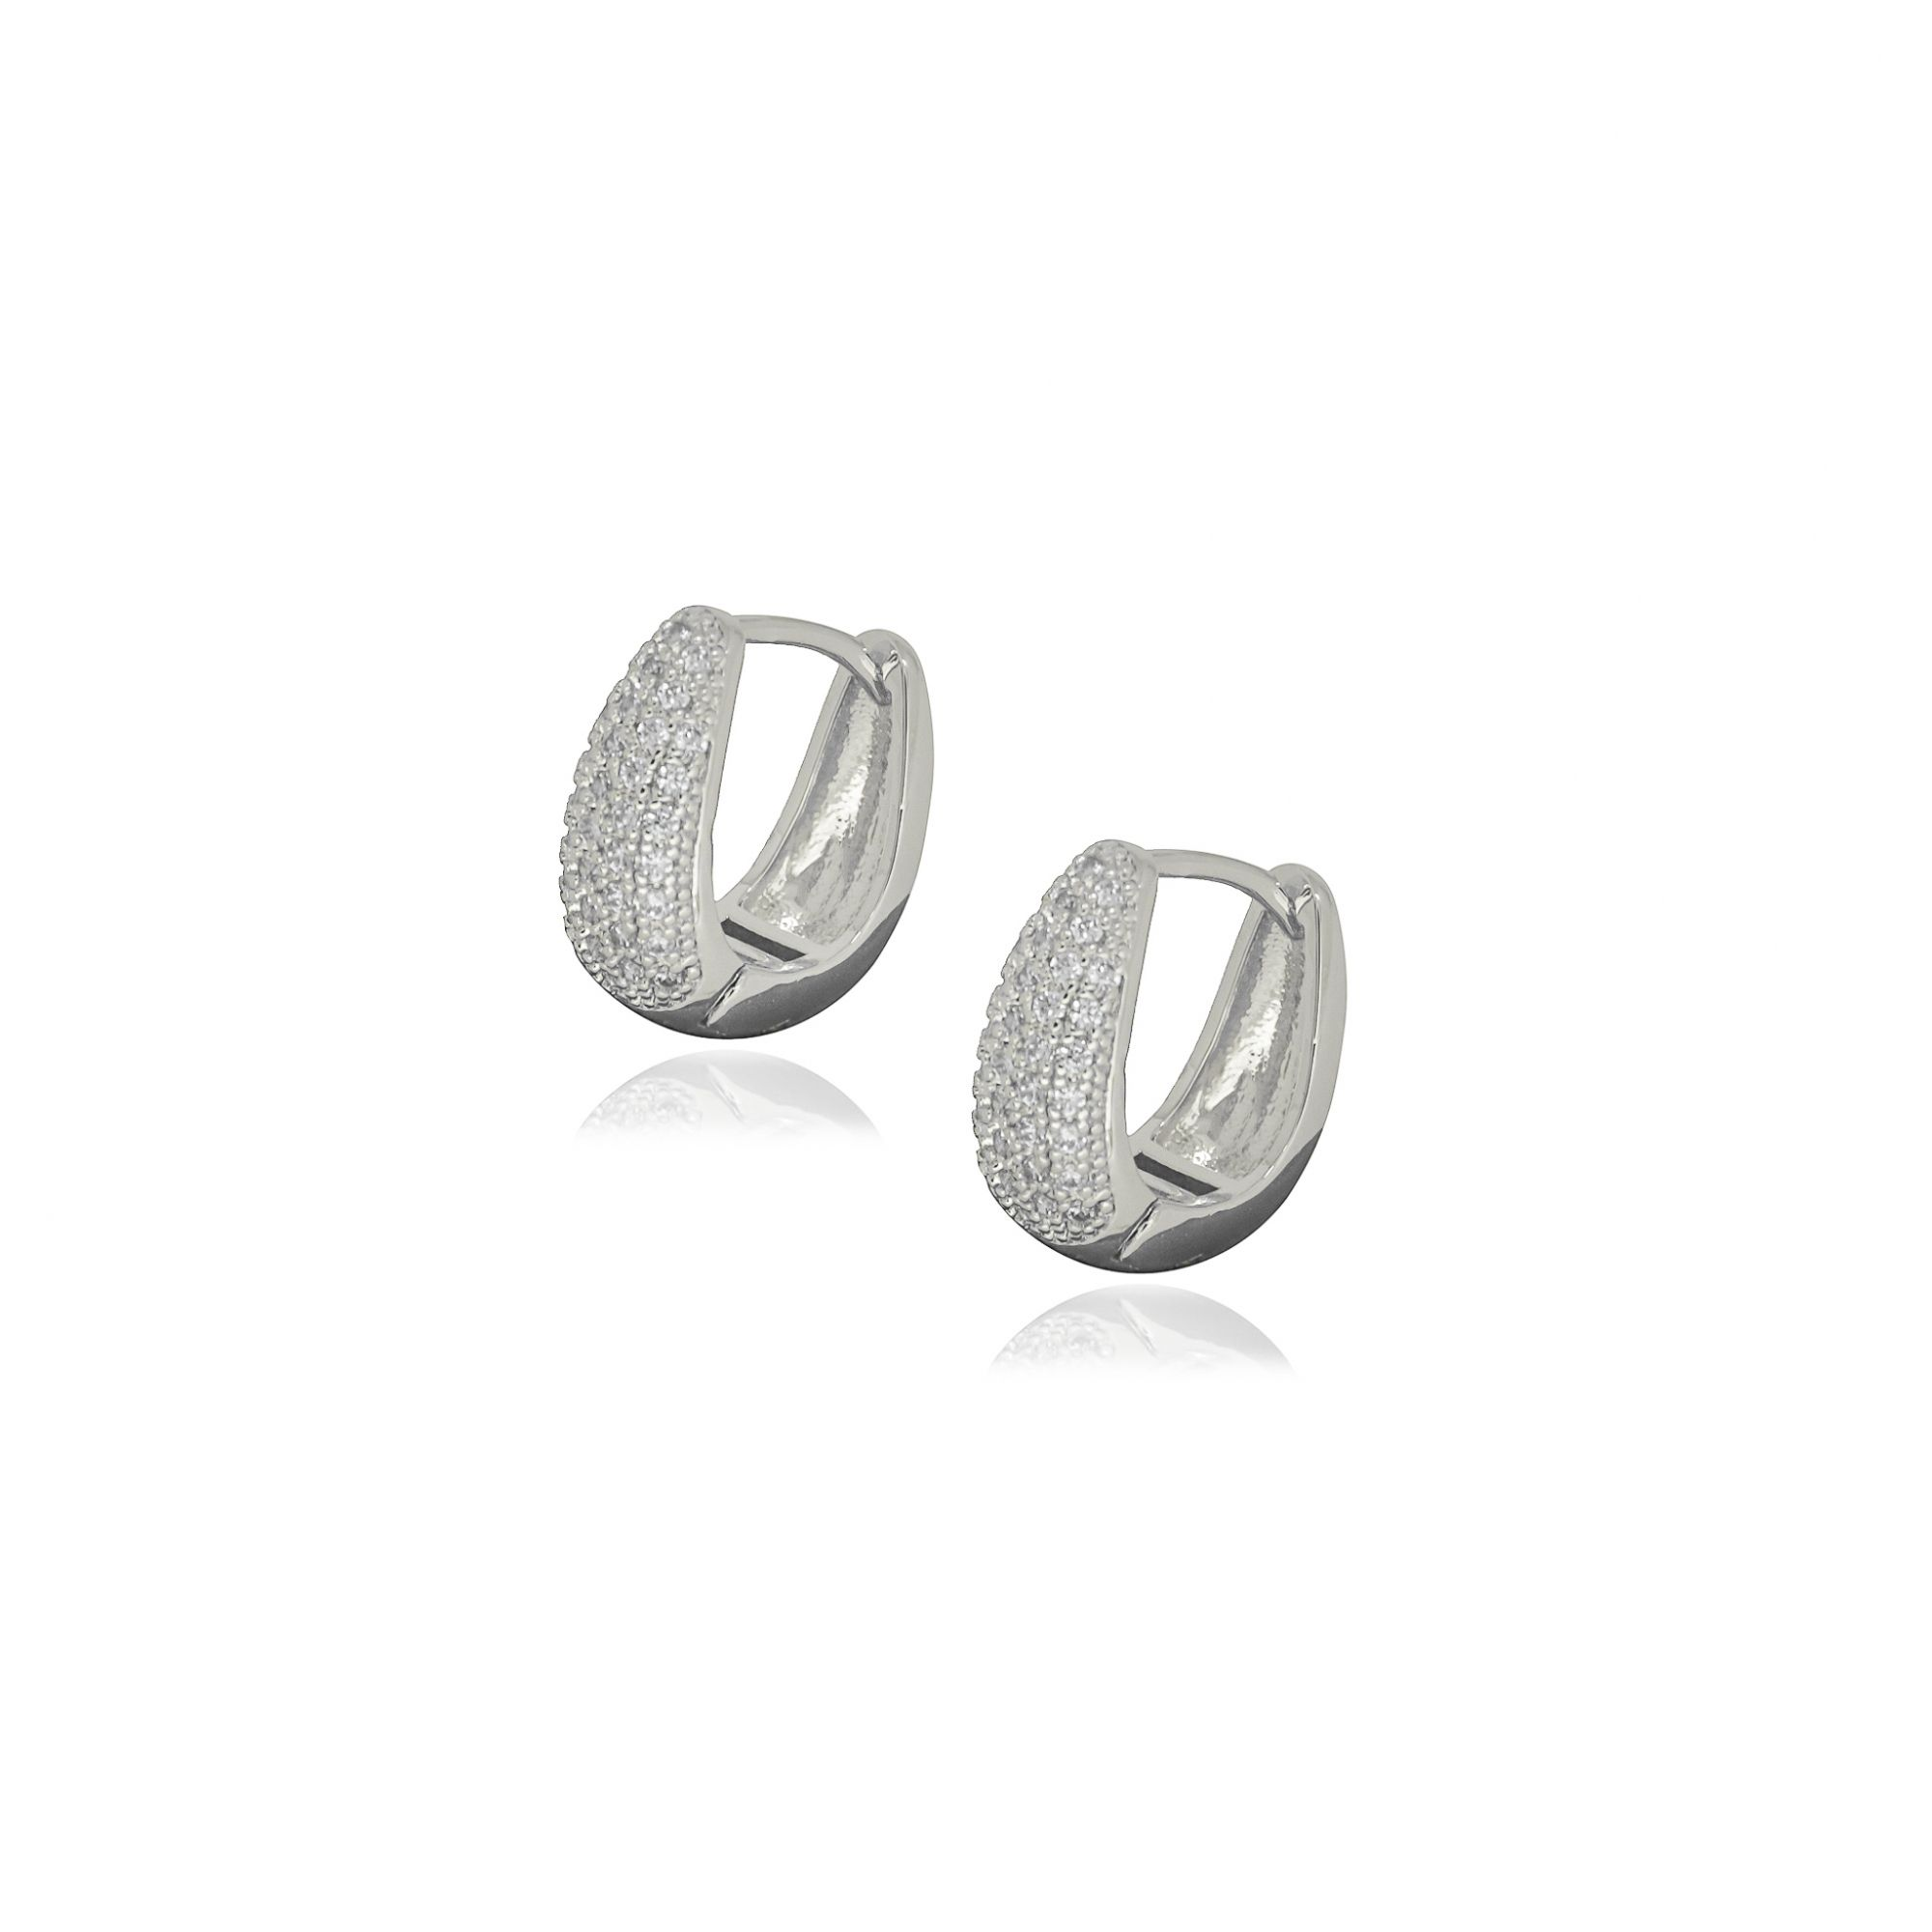 Brinco Semi joia argola U cravejada 1,5 x 0,7 cm cravejada em microzircônia e folheada a ouro 18k ou rhodium